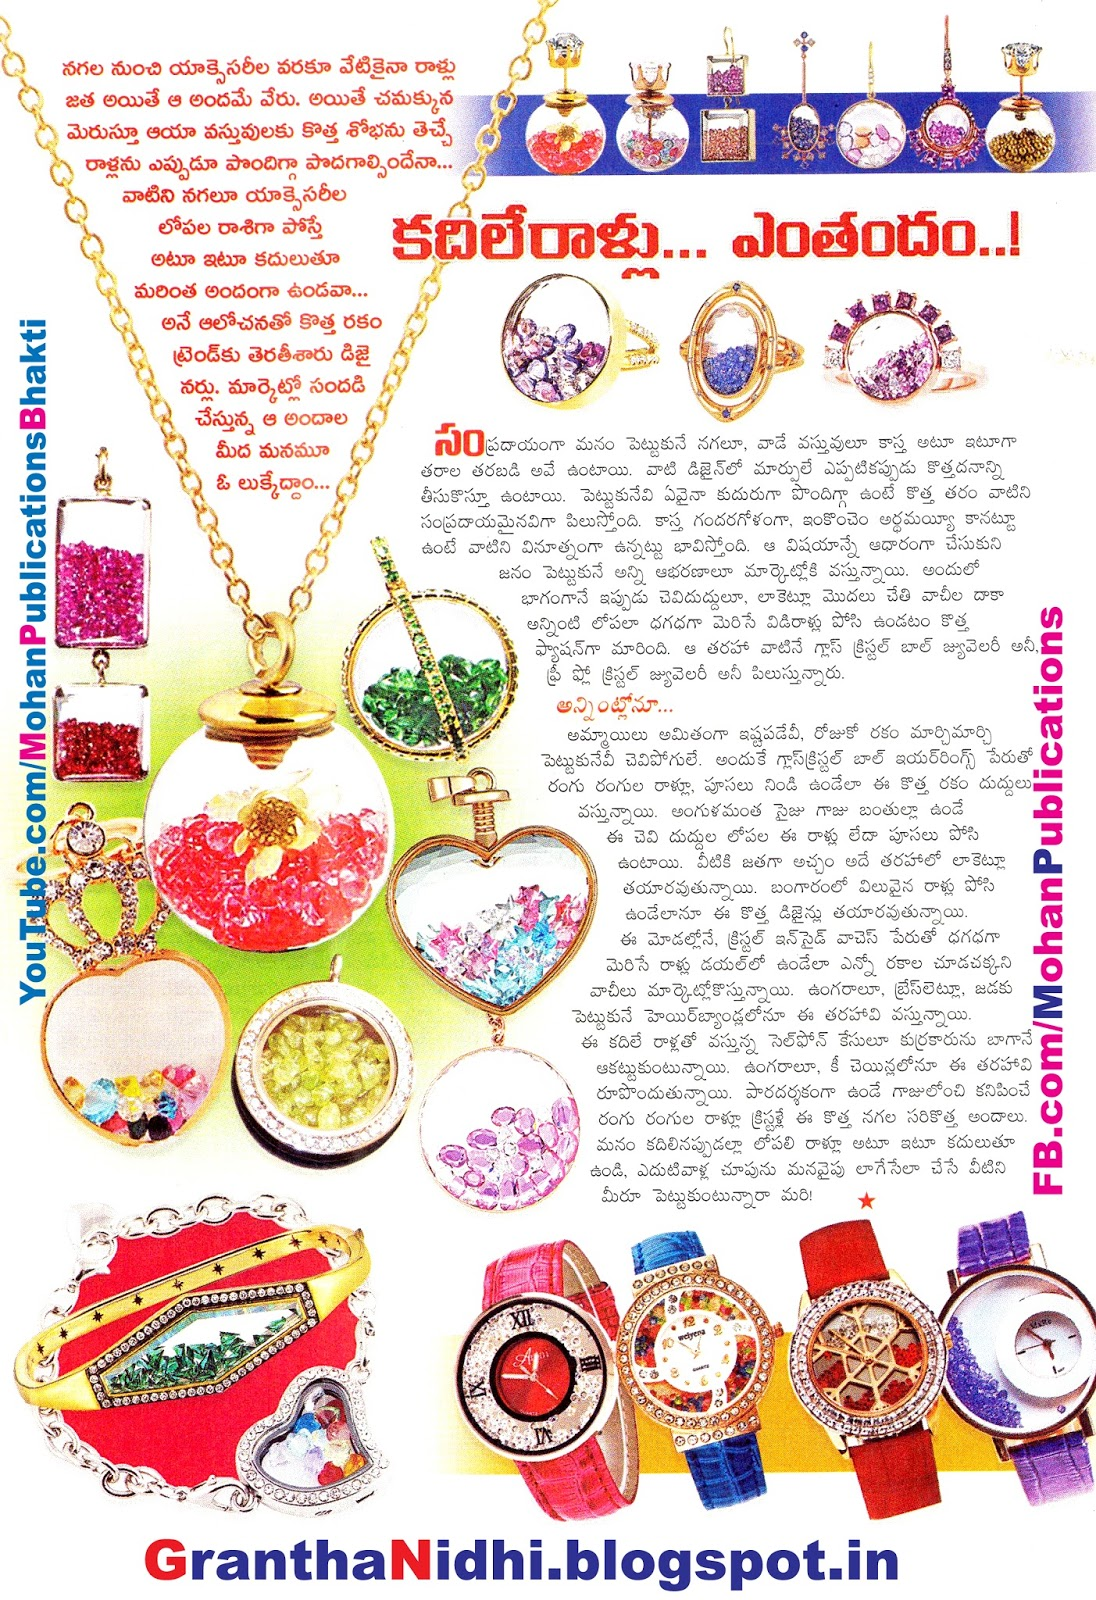 కదిలే రాళ్ళు ఎంతందం Ear Free Stone Hangings Ear Rings Rings Hangings Stone Hangings Eendu Sunday Magazine Eenadu Sunday Paper Eenadu Sunday Magazine Cover Story Sunday Magazine Eenadu Eevaram Cover Story Bhakthi Pustakalu Bhakti Pustakalu BhakthiPustakalu BhaktiPustakalu